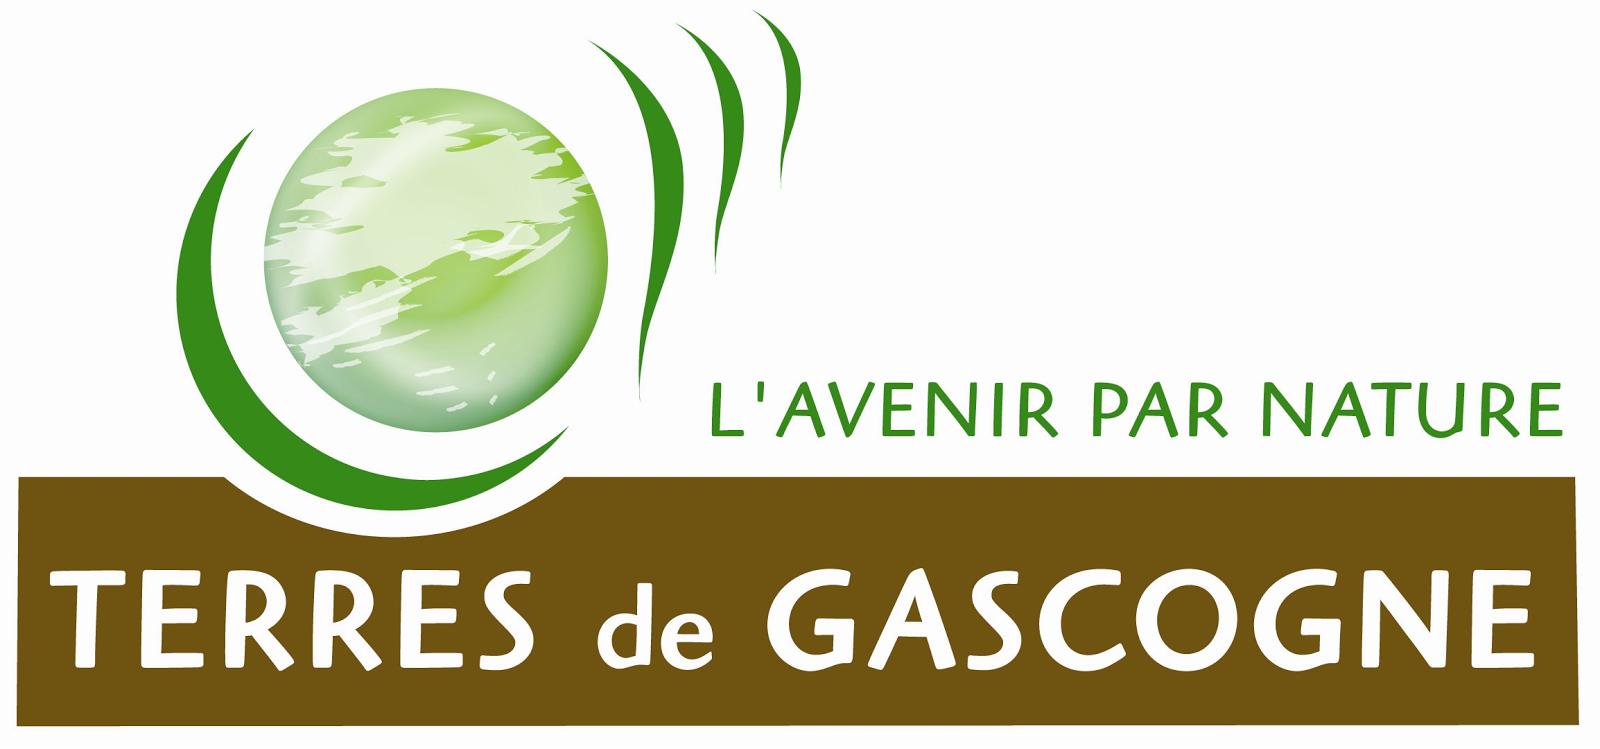 Terres de Gascogne